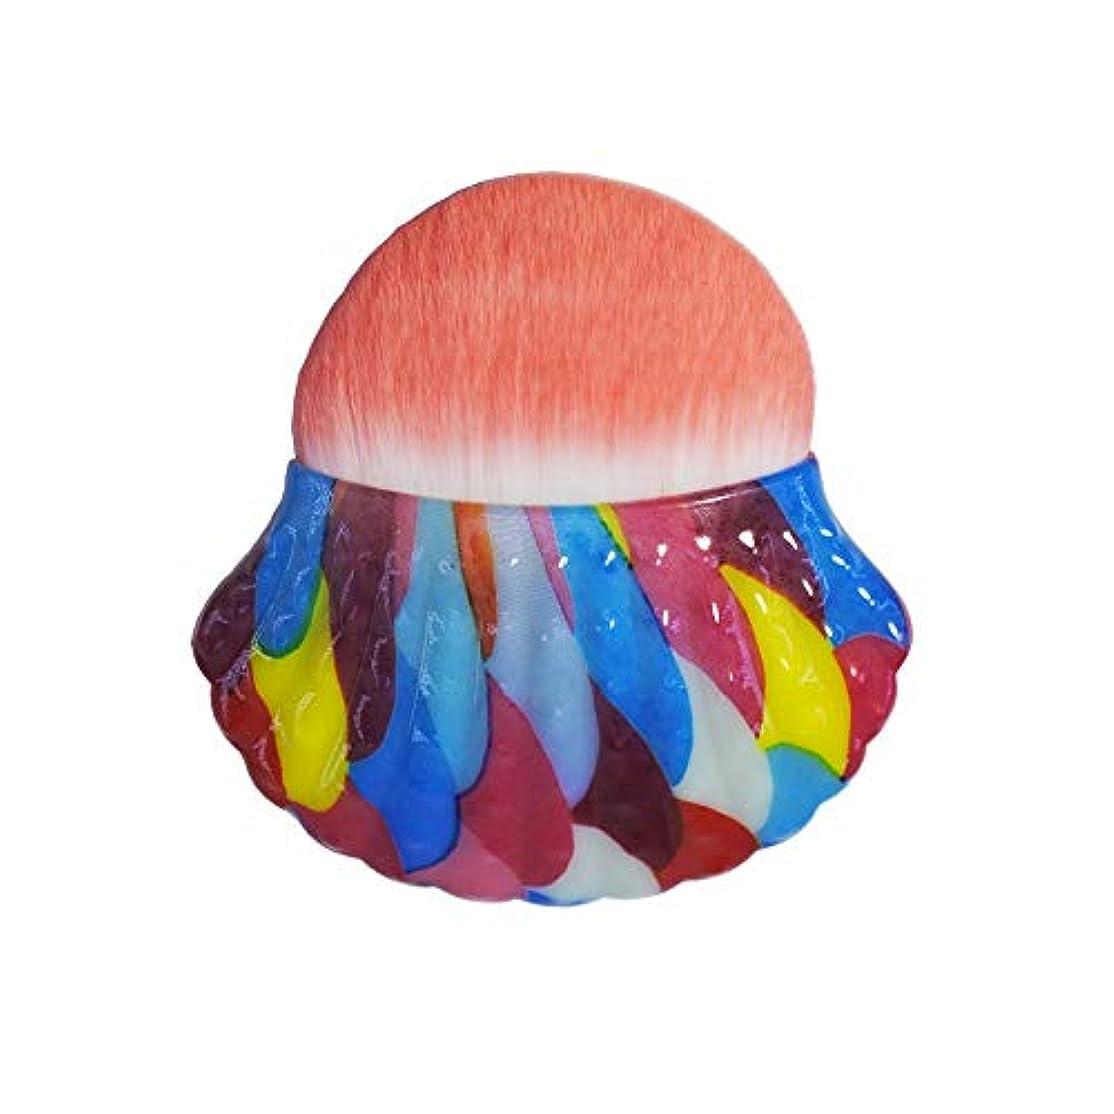 適格魔術天井Makeup brushes 色、独占シェルタイプブラッシュブラシ美容メイクブラシツールポータブル多機能メイクブラシ suits (Color : Rainbow)